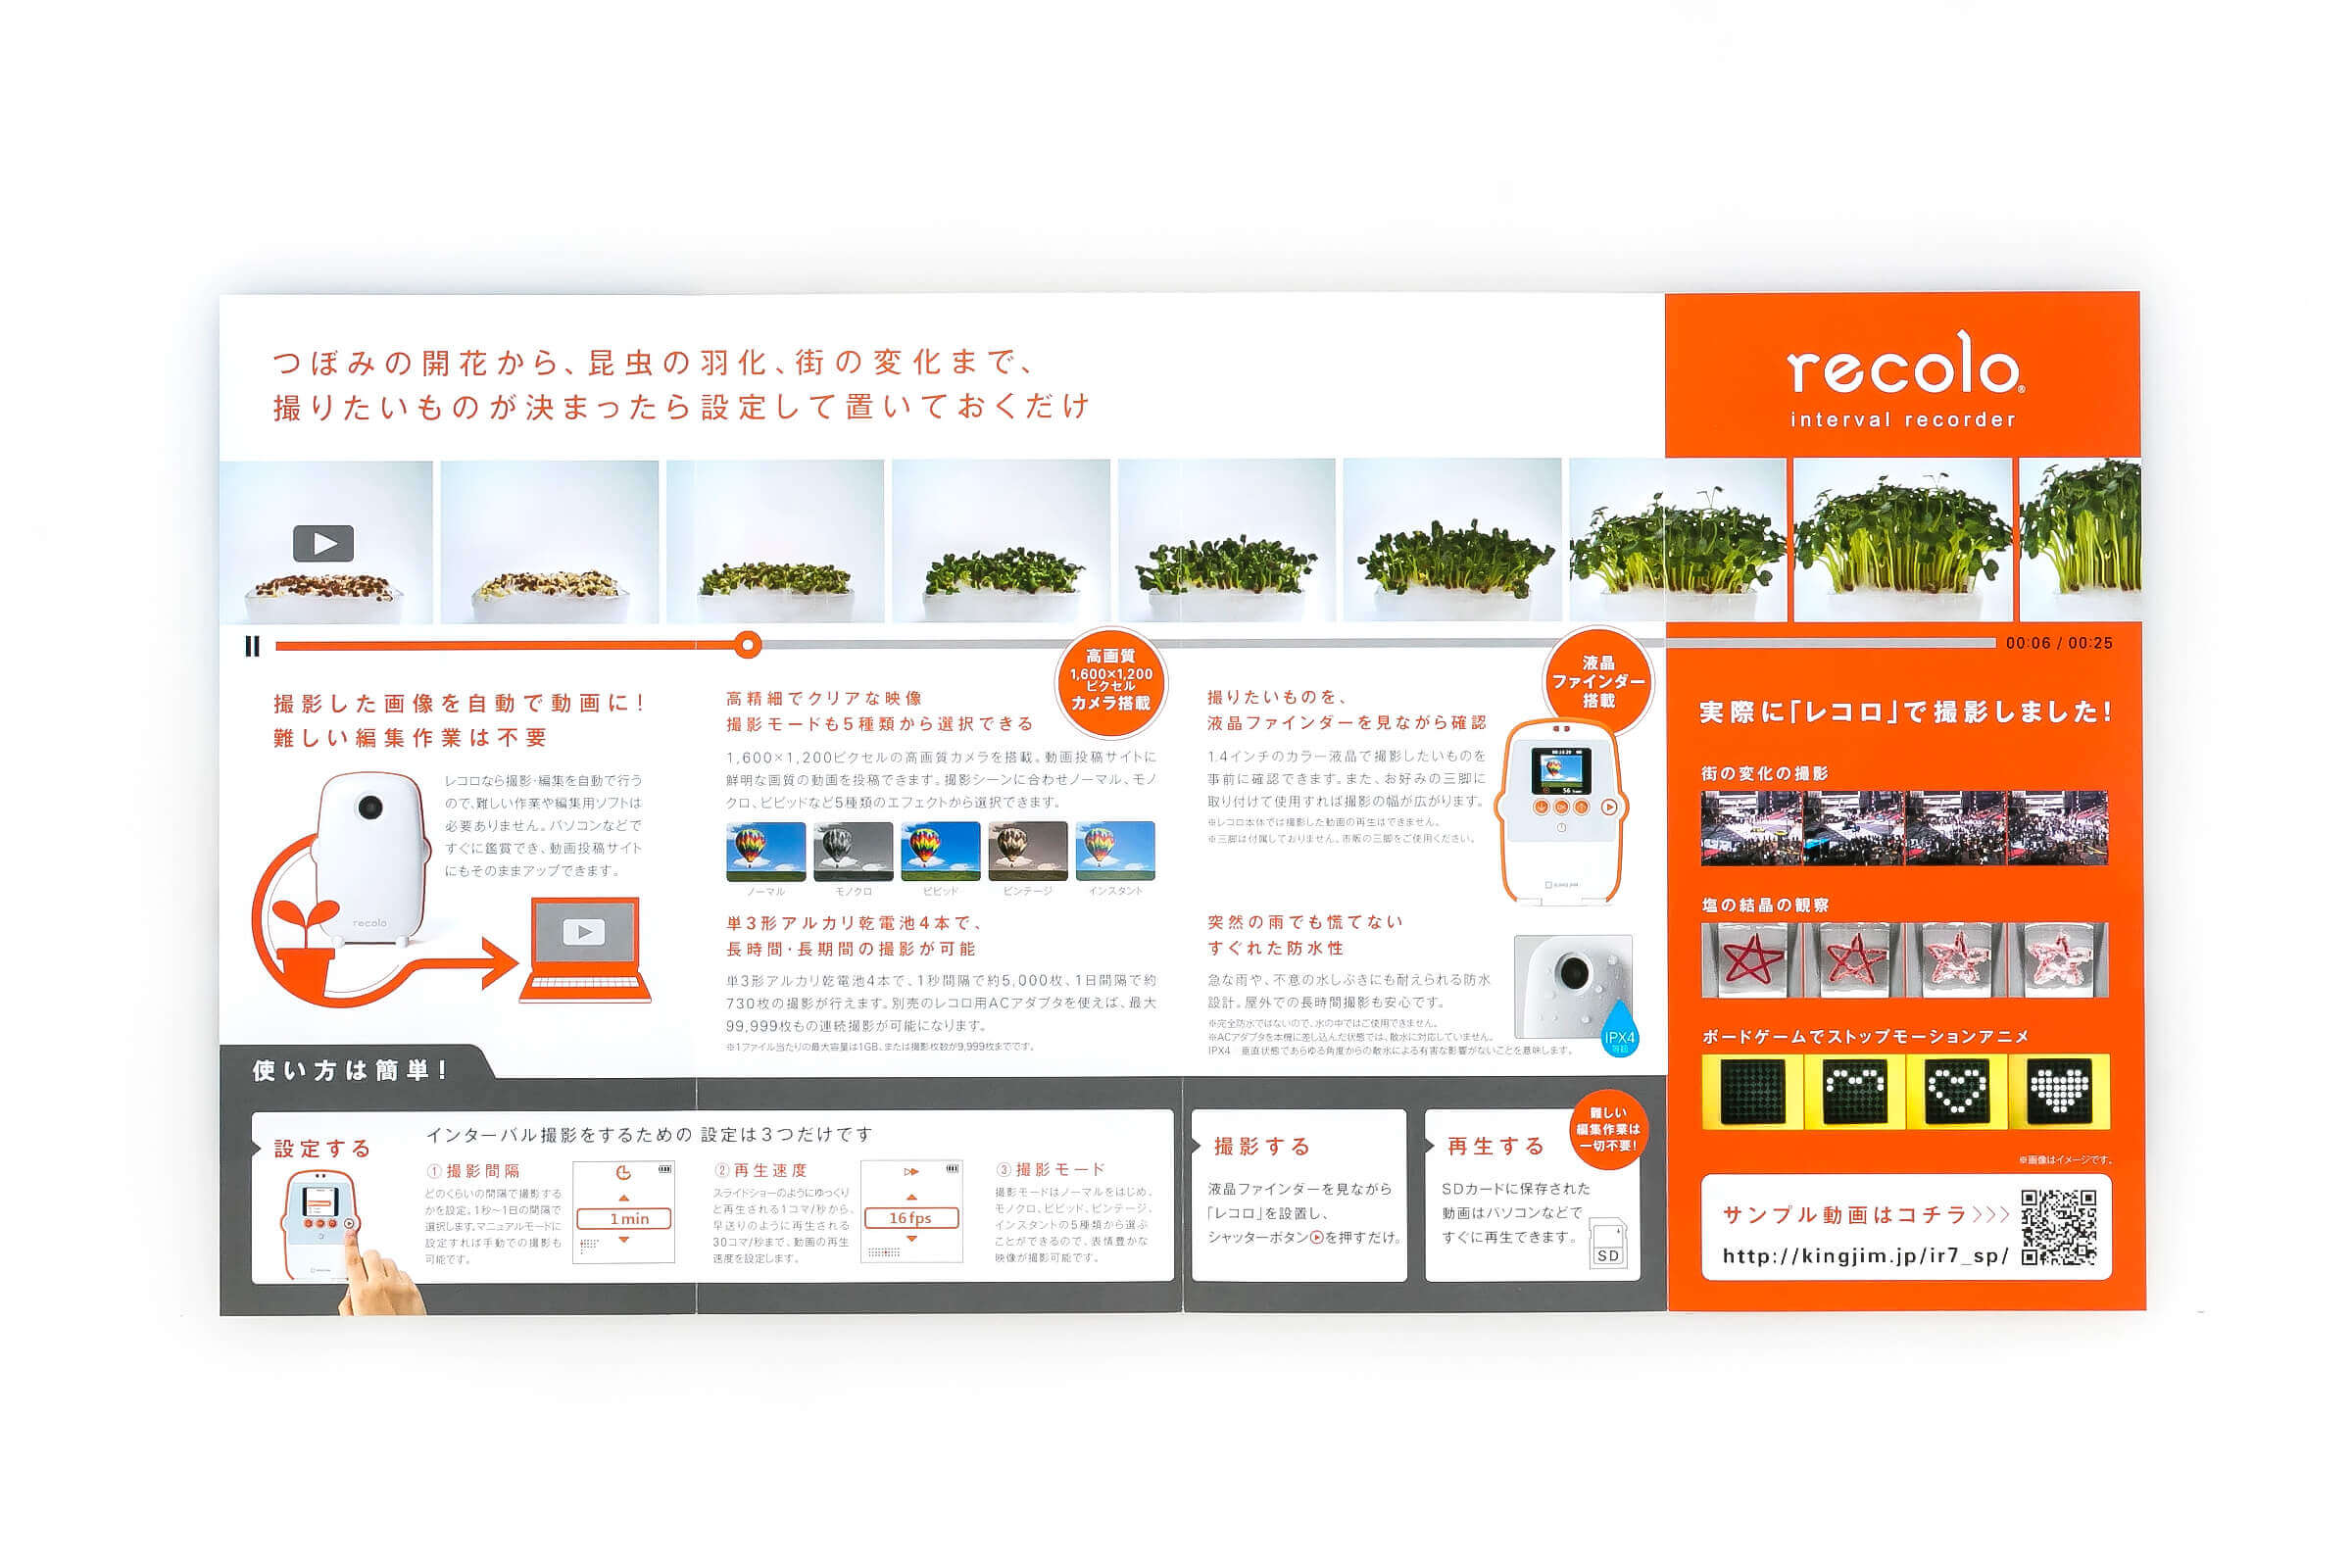 インターバルレコーダー レコロ リーフレット P4-7